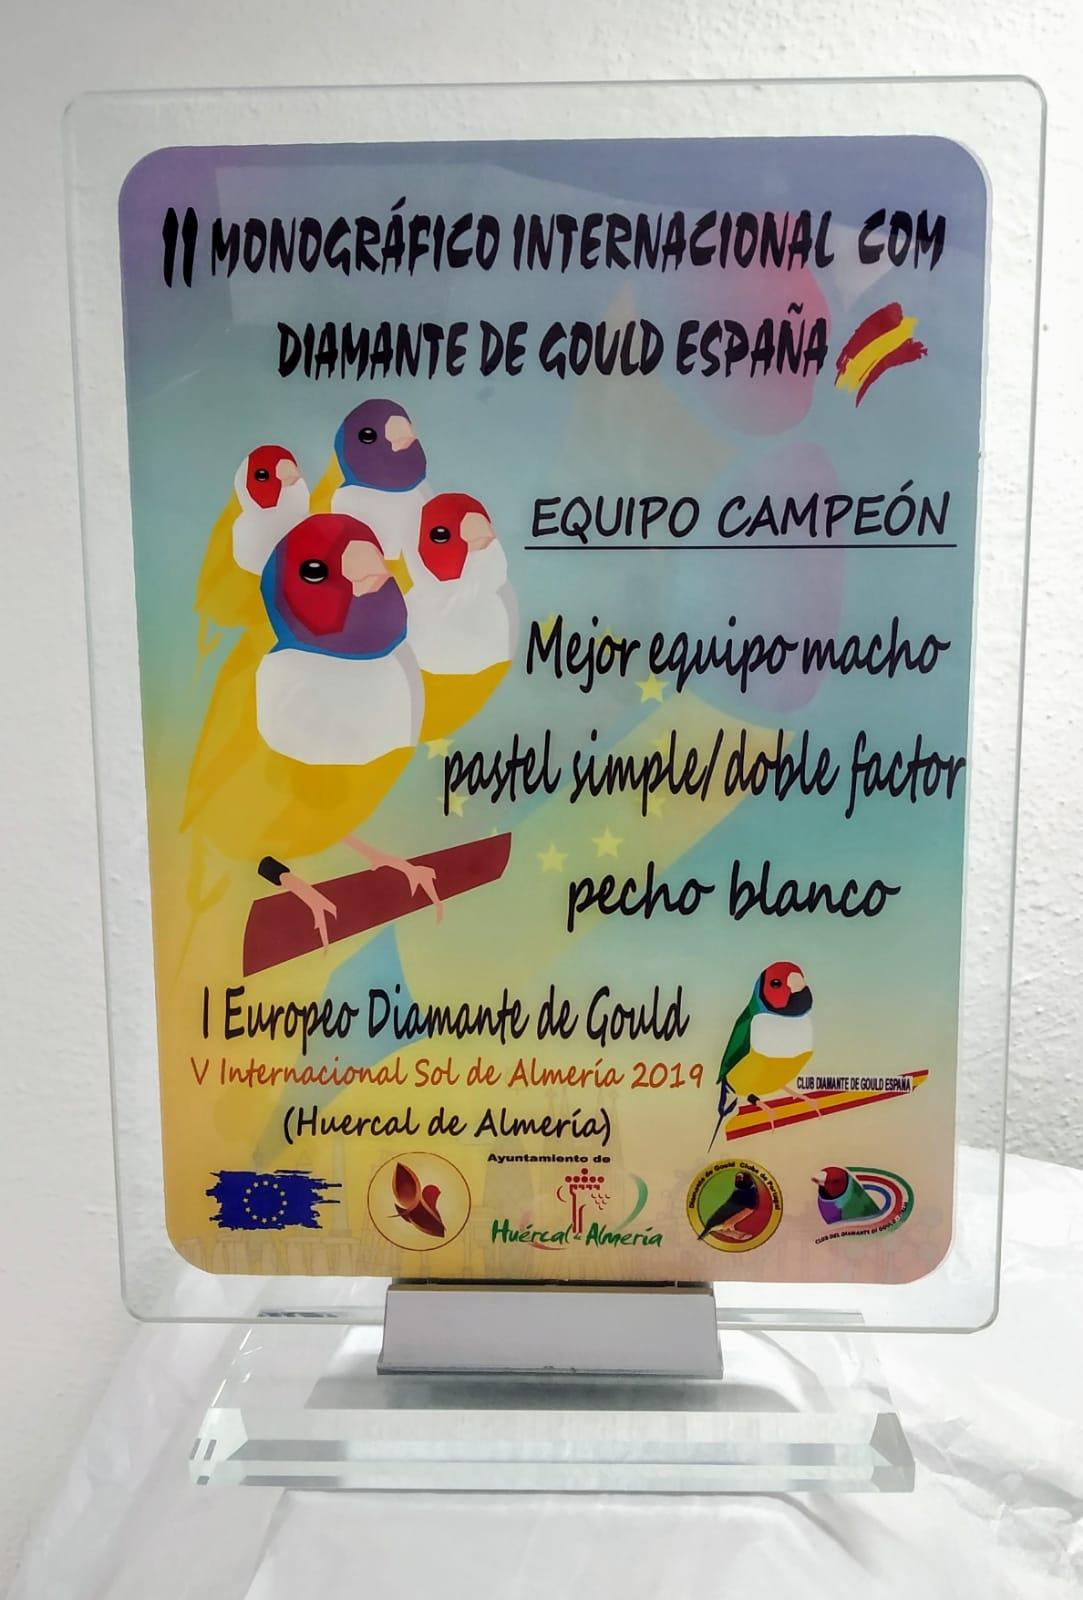 Club Diamante de Gould España